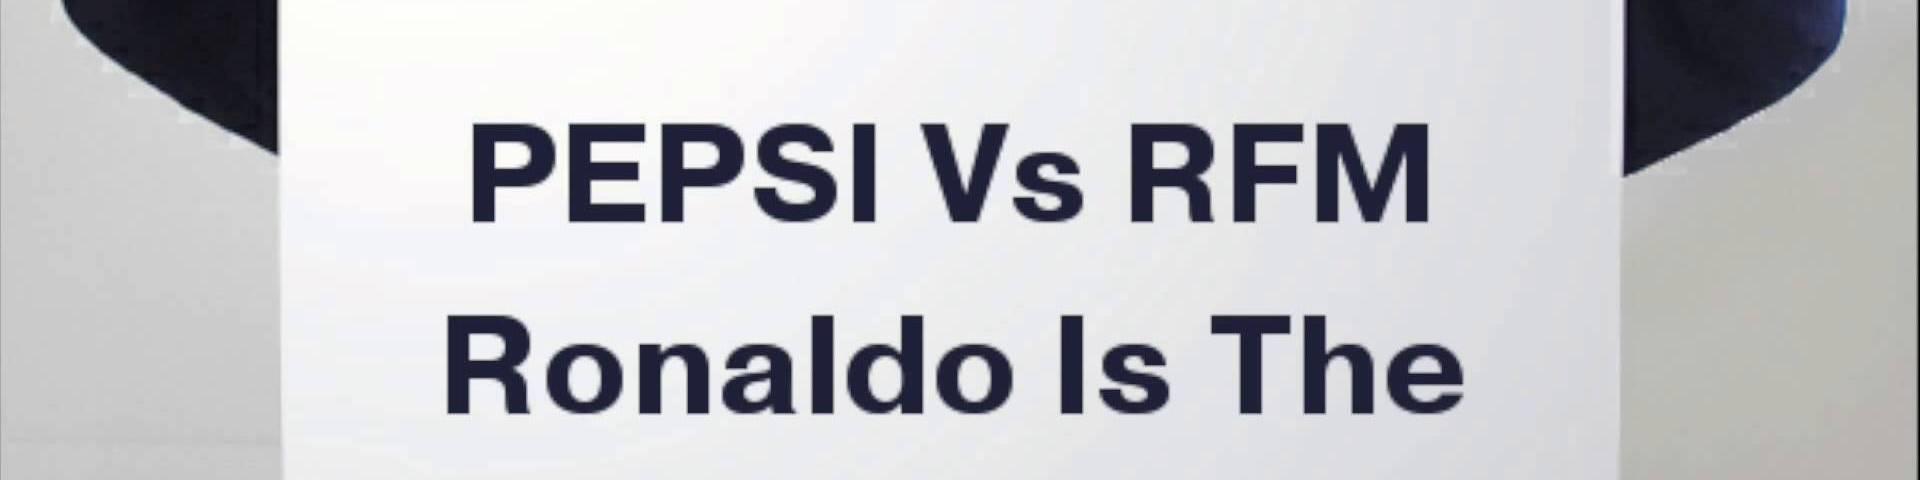 RFM vs Pepsi, Ronaldo Is The Best